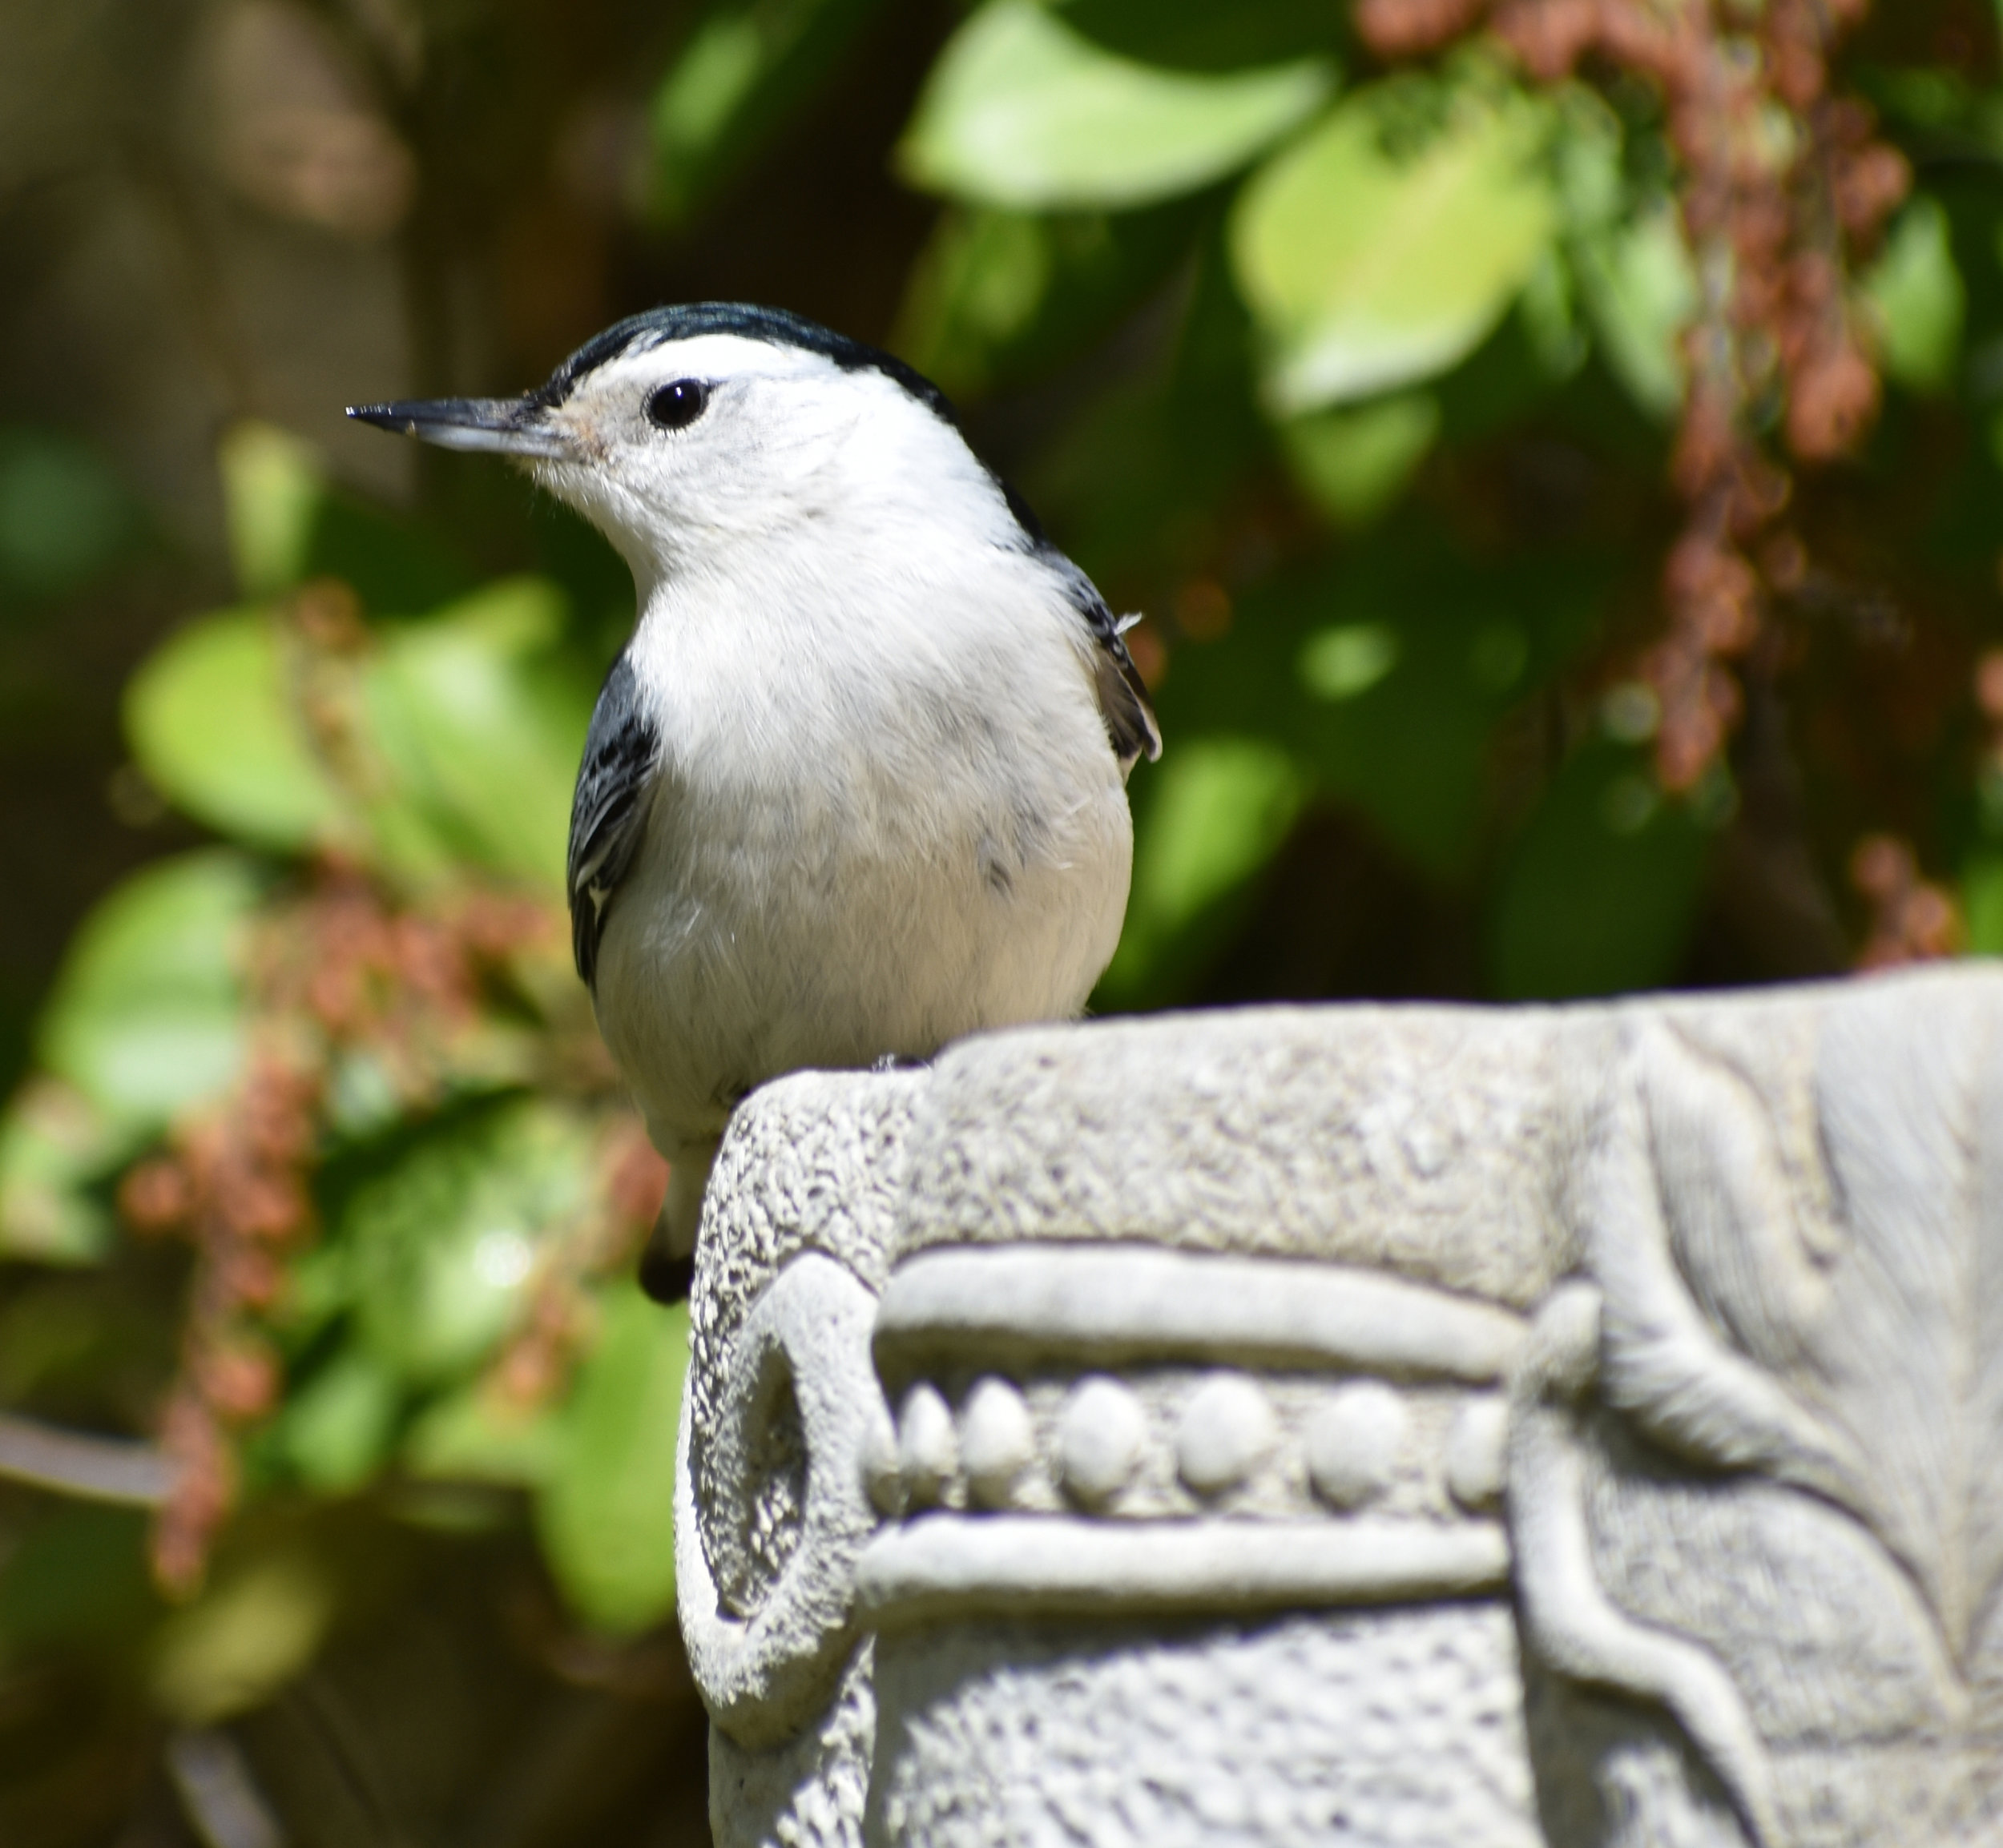 White-Breasted Nuthatch at birdbath